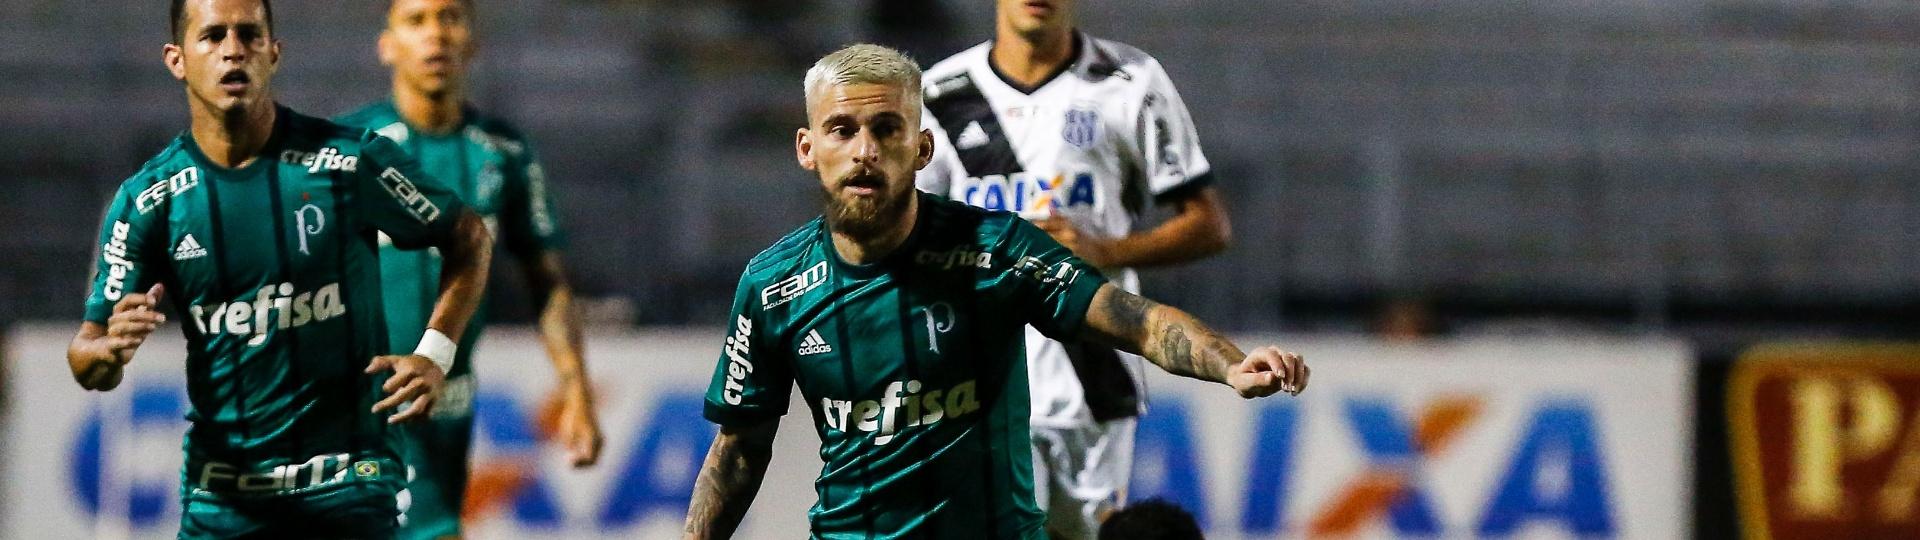 Lucas Lima tenta alcançar a bola na partida entre Ponte Preta e Palmeiras